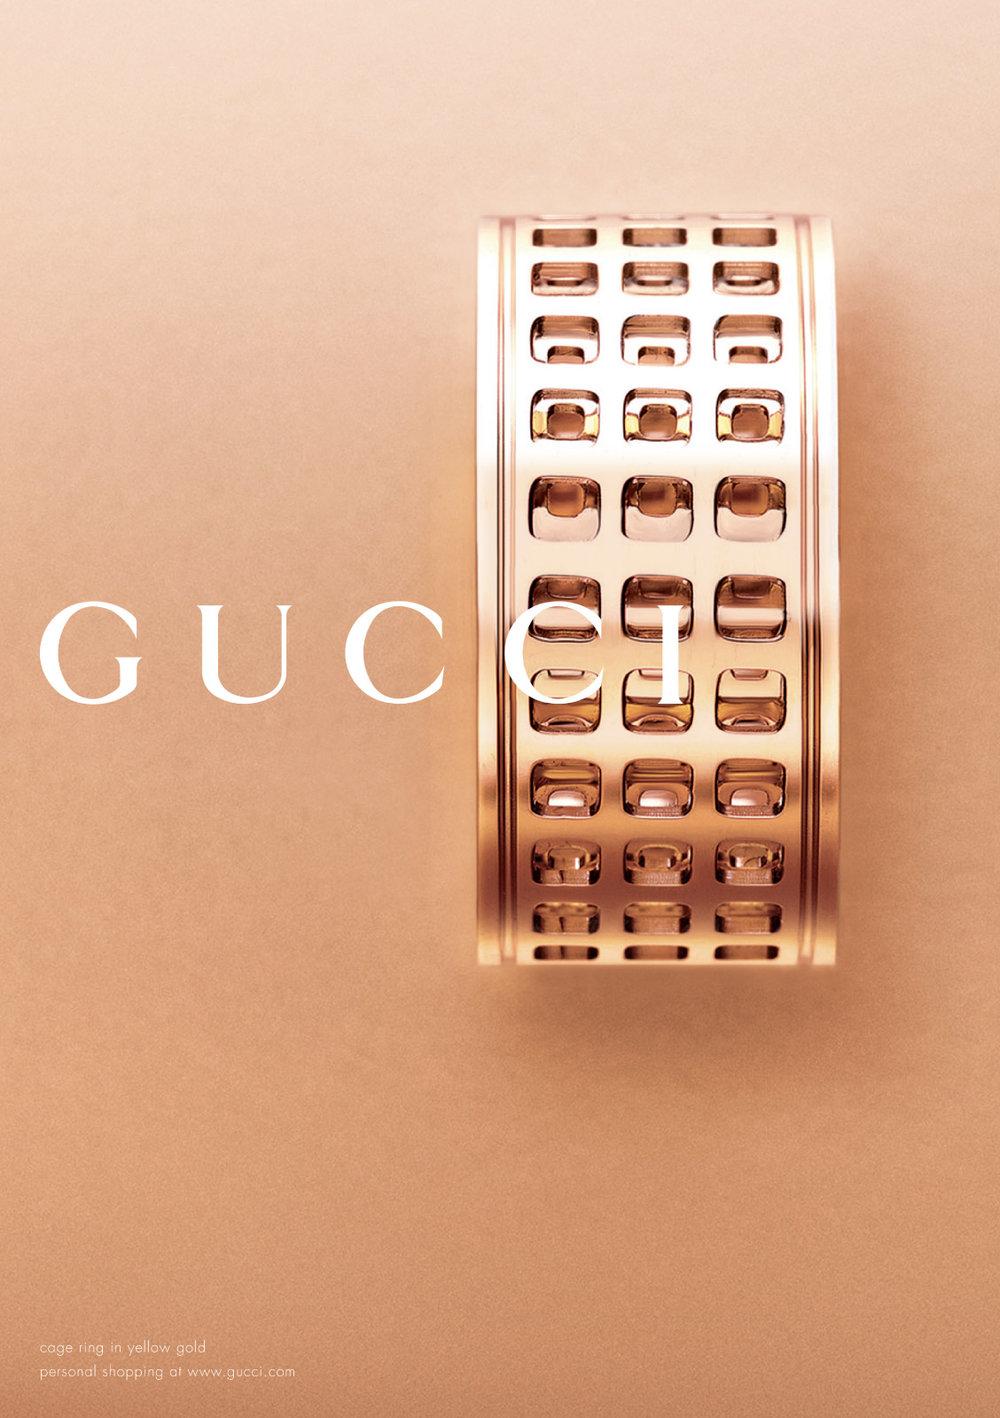 Gucci-Portfolio-Images-43.jpg